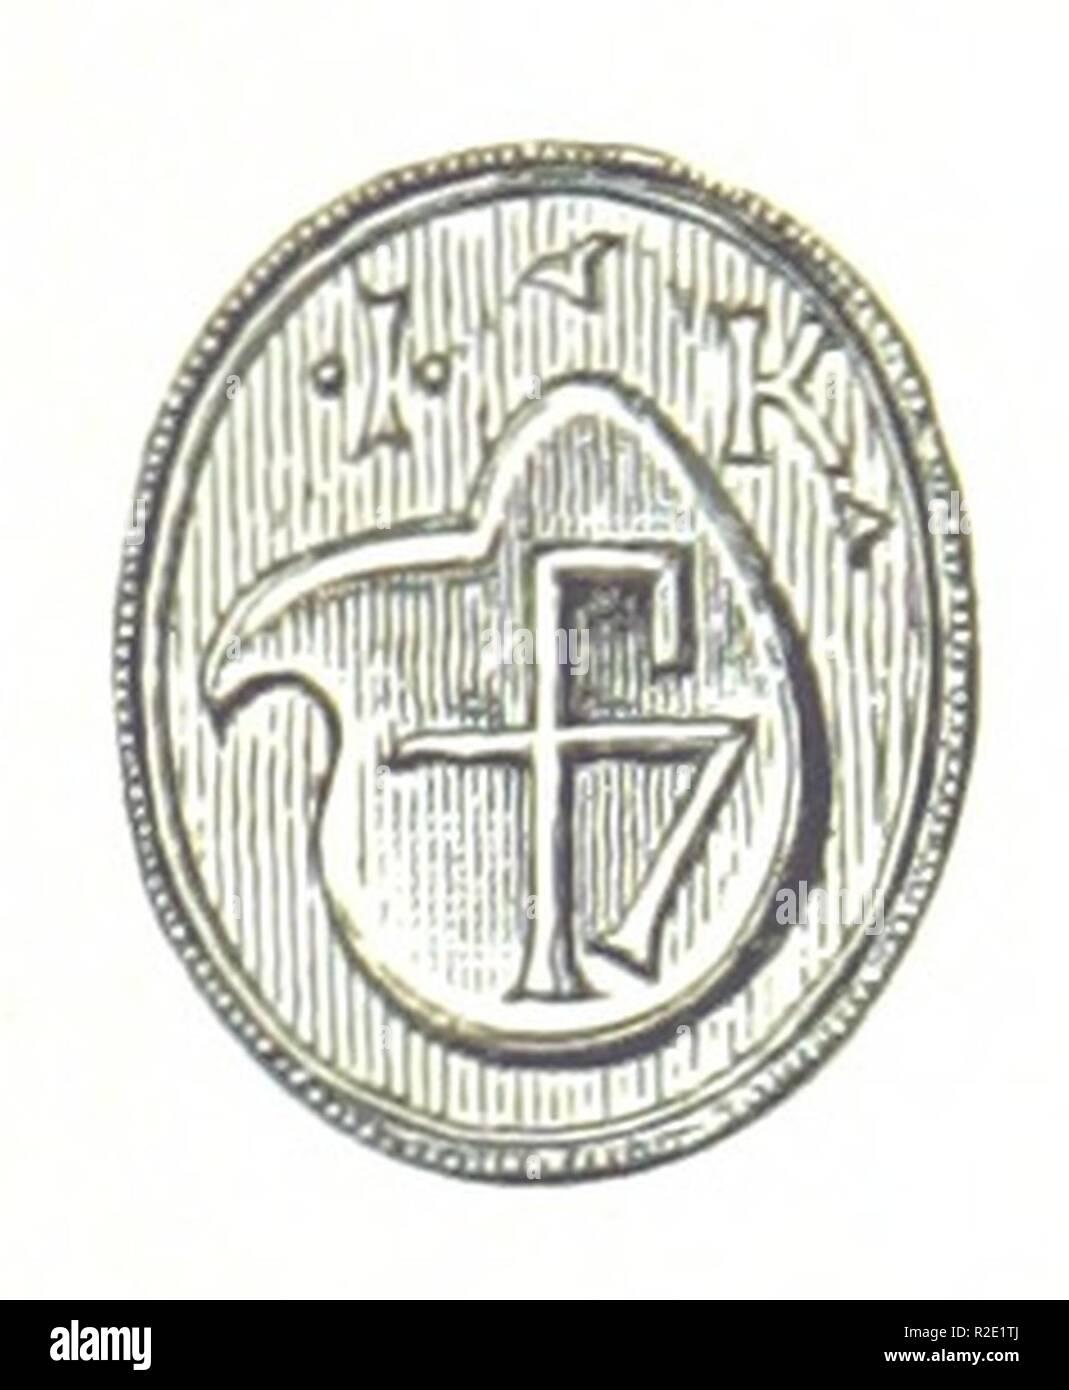 page 381 of 'Danmarks Riges Historie af J. Steenstrup, Kr. Erslev, A. Heise, V. Mollerup, J. A. Fridericia, E. Holm, A. D. Jørgensen. Historisk illustreret' . - Stock Image